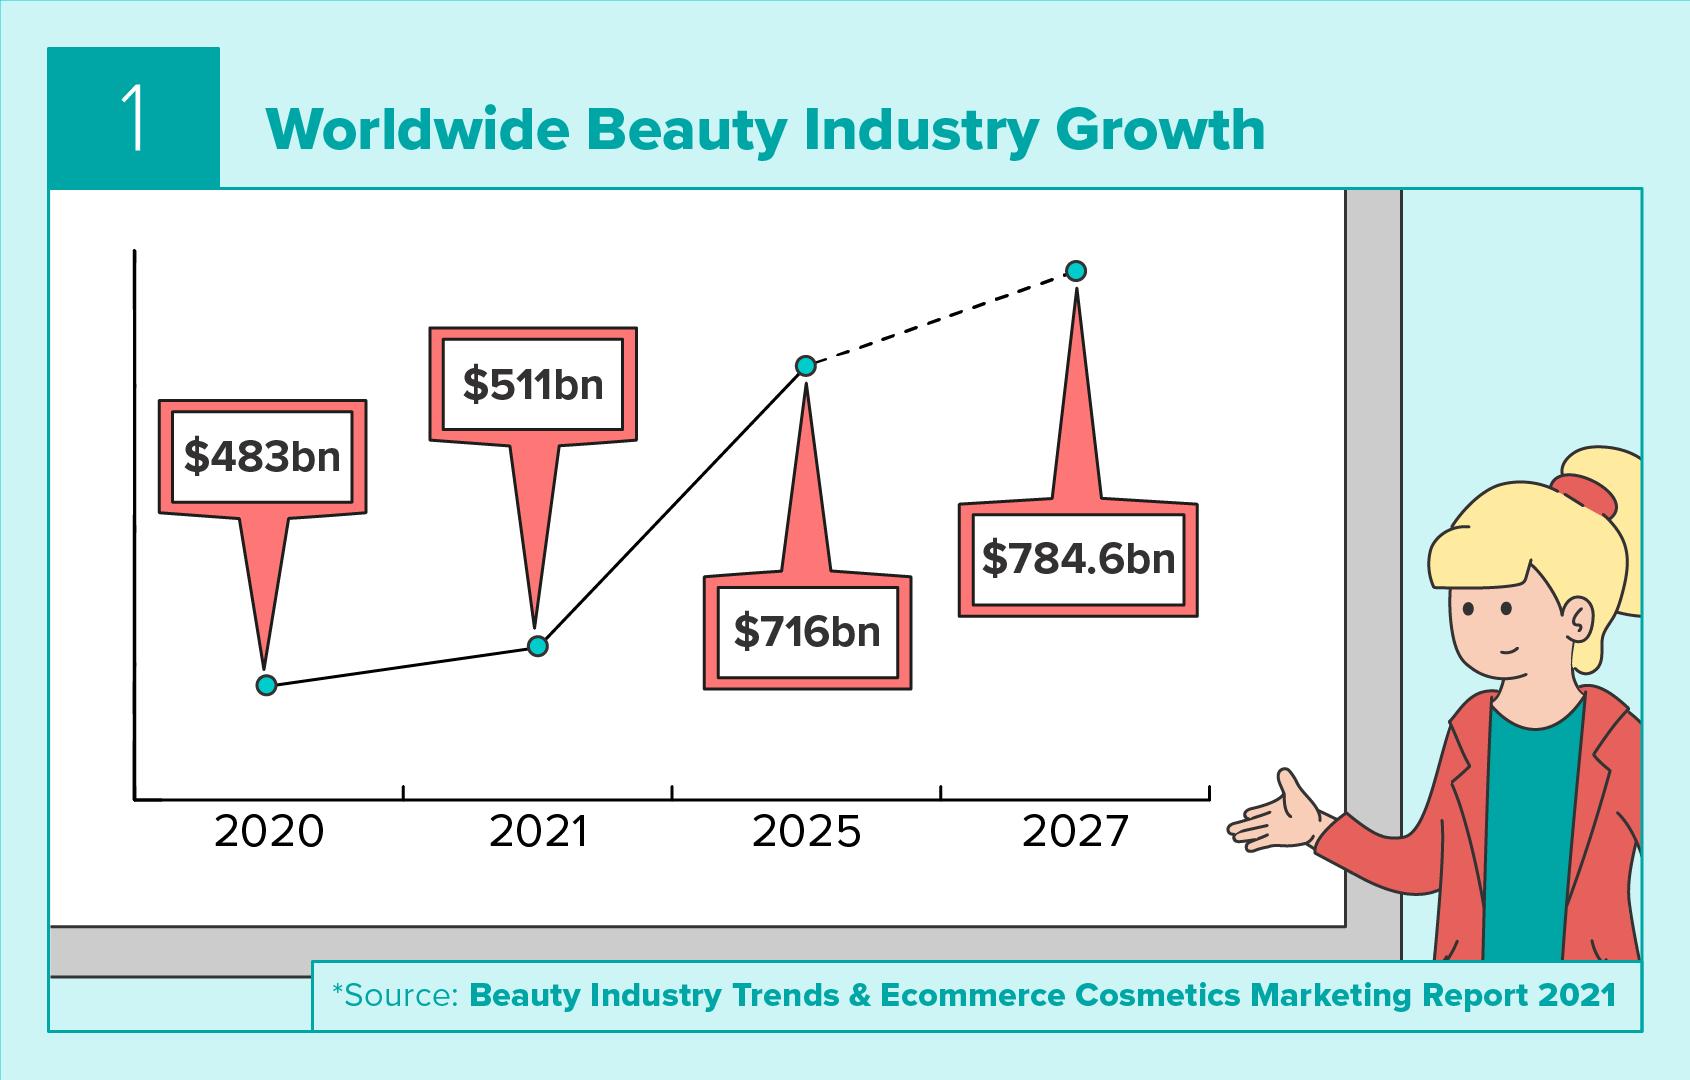 Worldwide Beauty Industry Growth